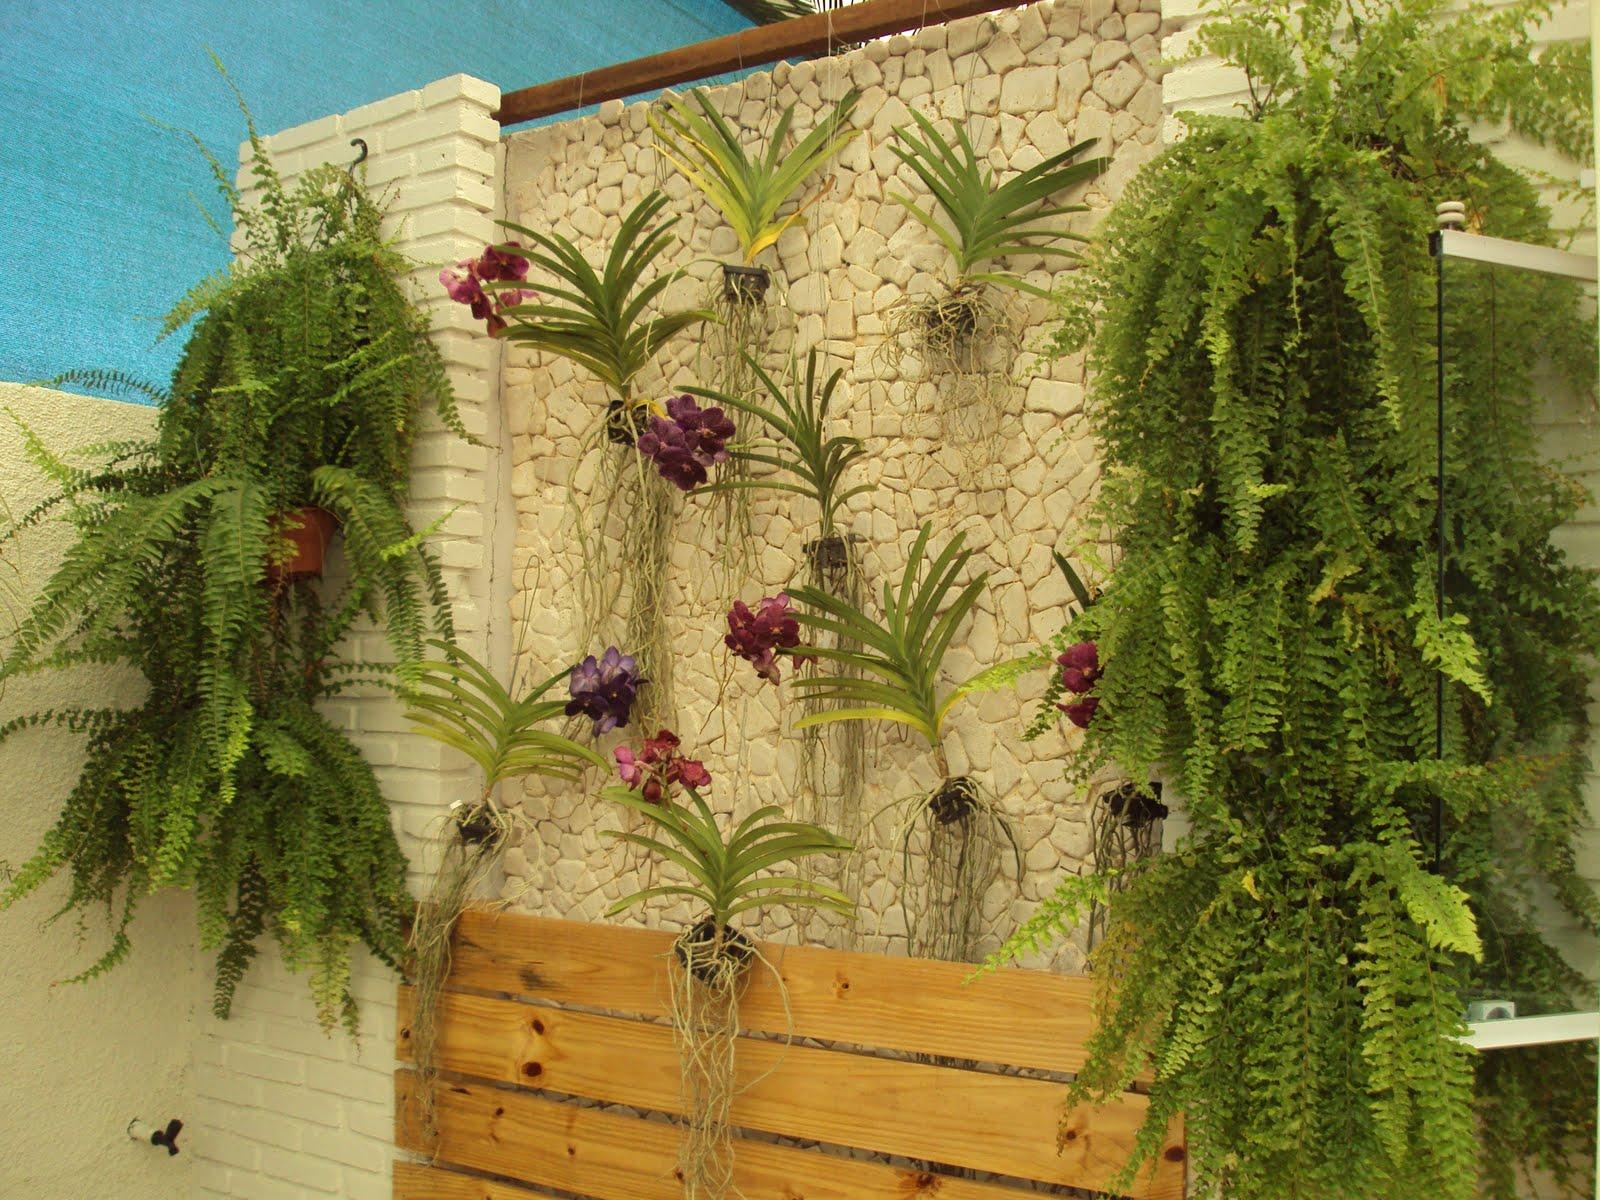 meu quintal meu jardim : meu quintal meu jardim: idéias para seu jardim,ou seu quintal,eu adoro plantas e flores